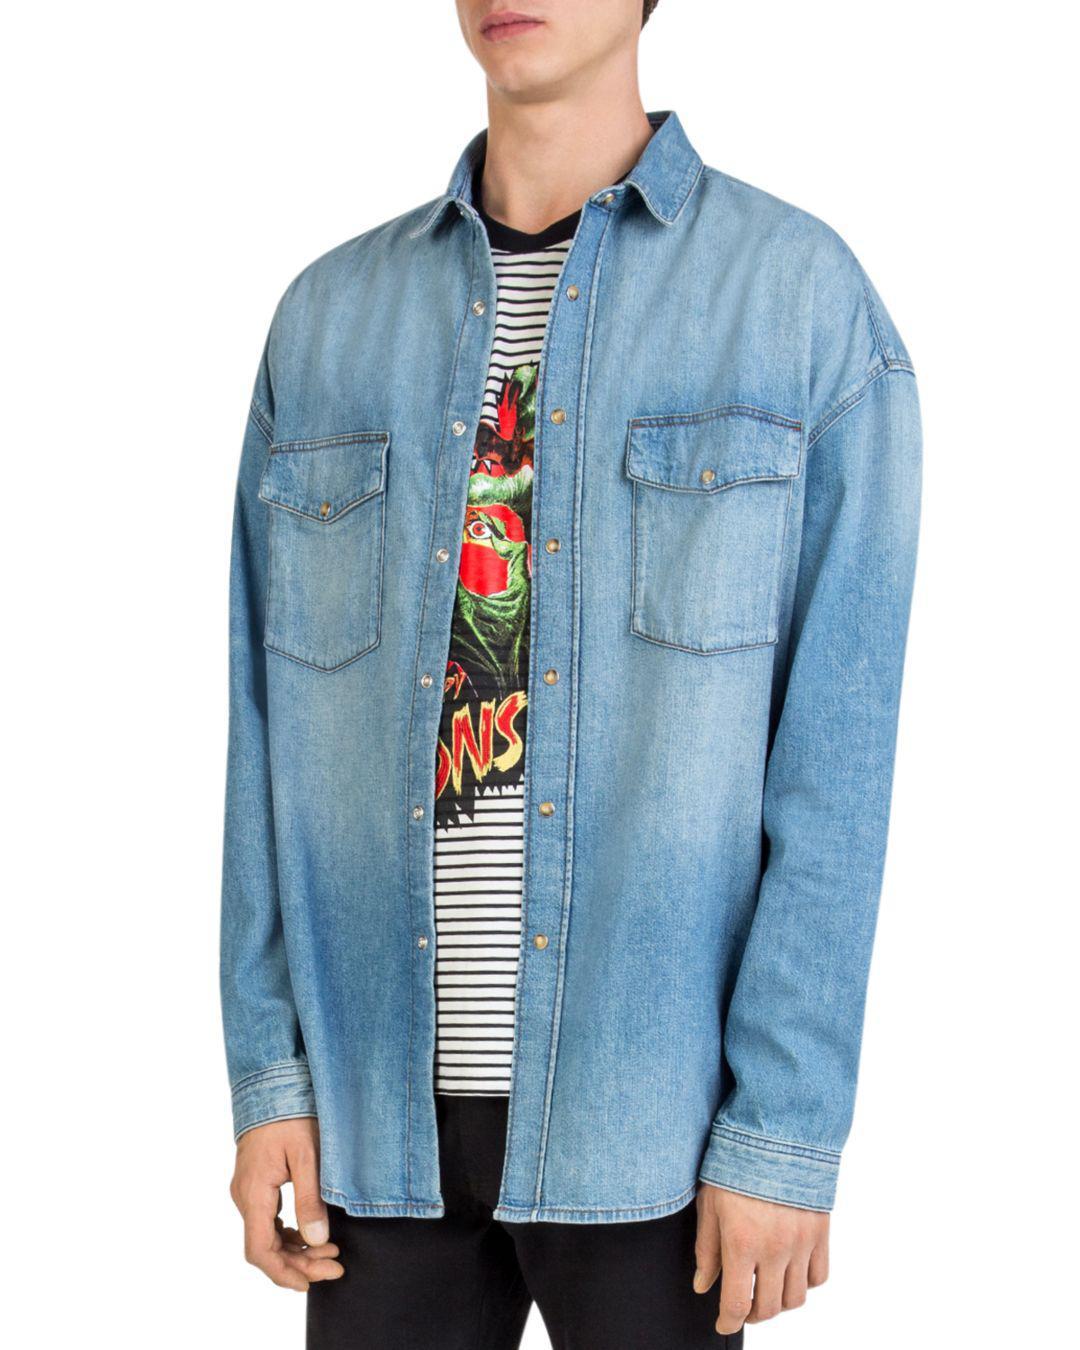 1469de240ea The Kooples Oversized Faded Denim Shirt in Blue for Men - Lyst